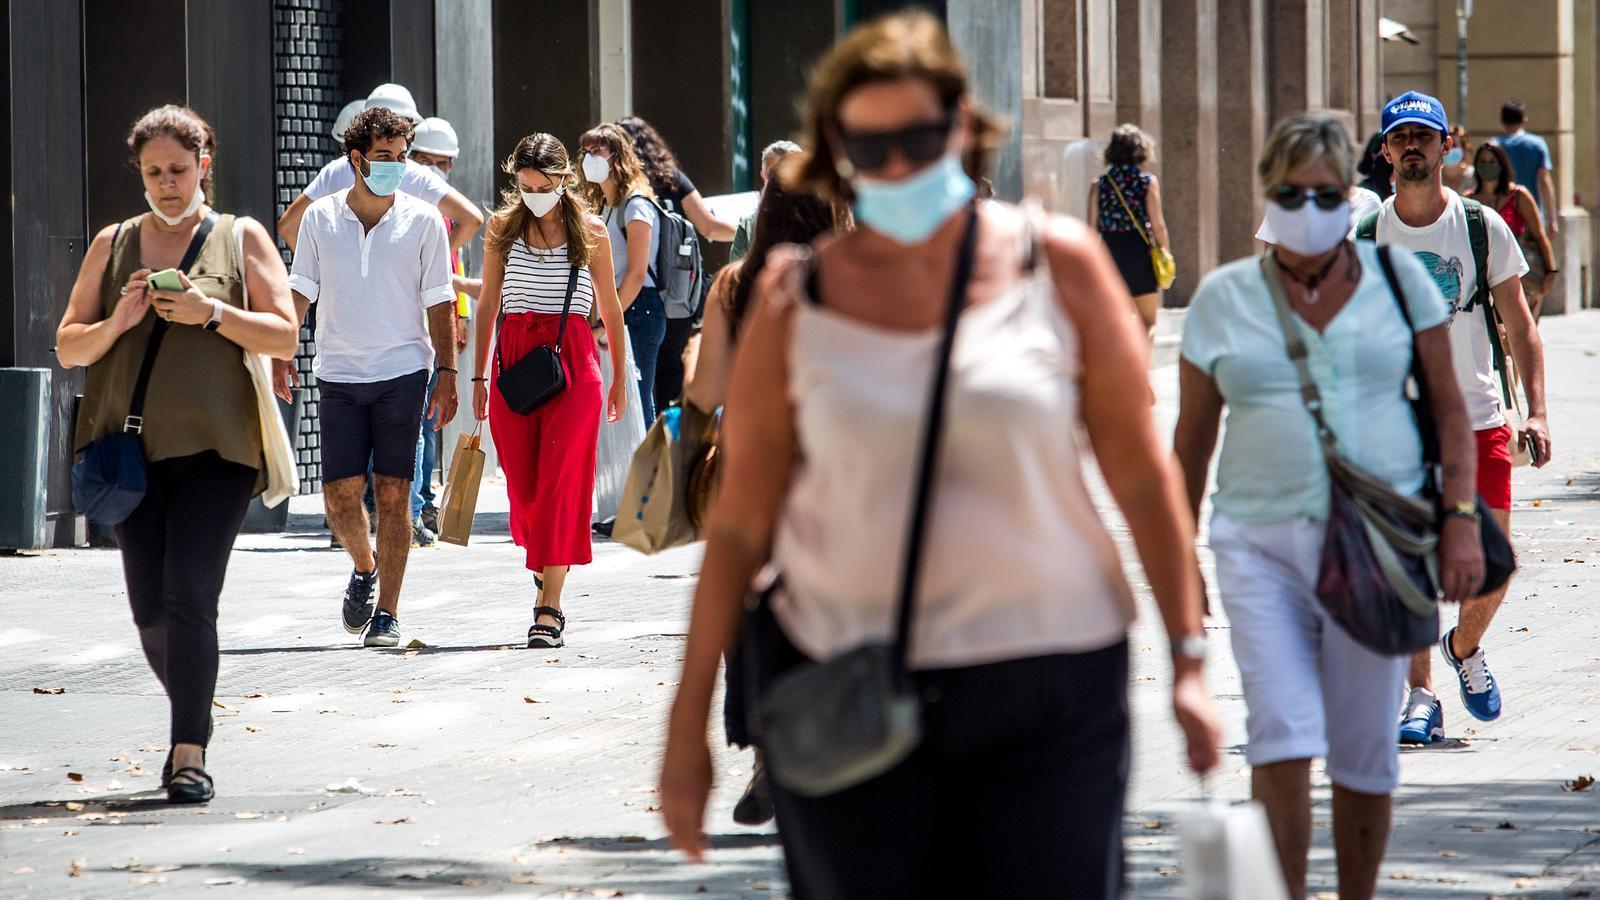 Persones passejant per la plaça Catalunya de Barcelona el dia abans de decretar-se l'obligatorietat d'utilitzar mascareta encara que es pugui mantenir distància de seguretat